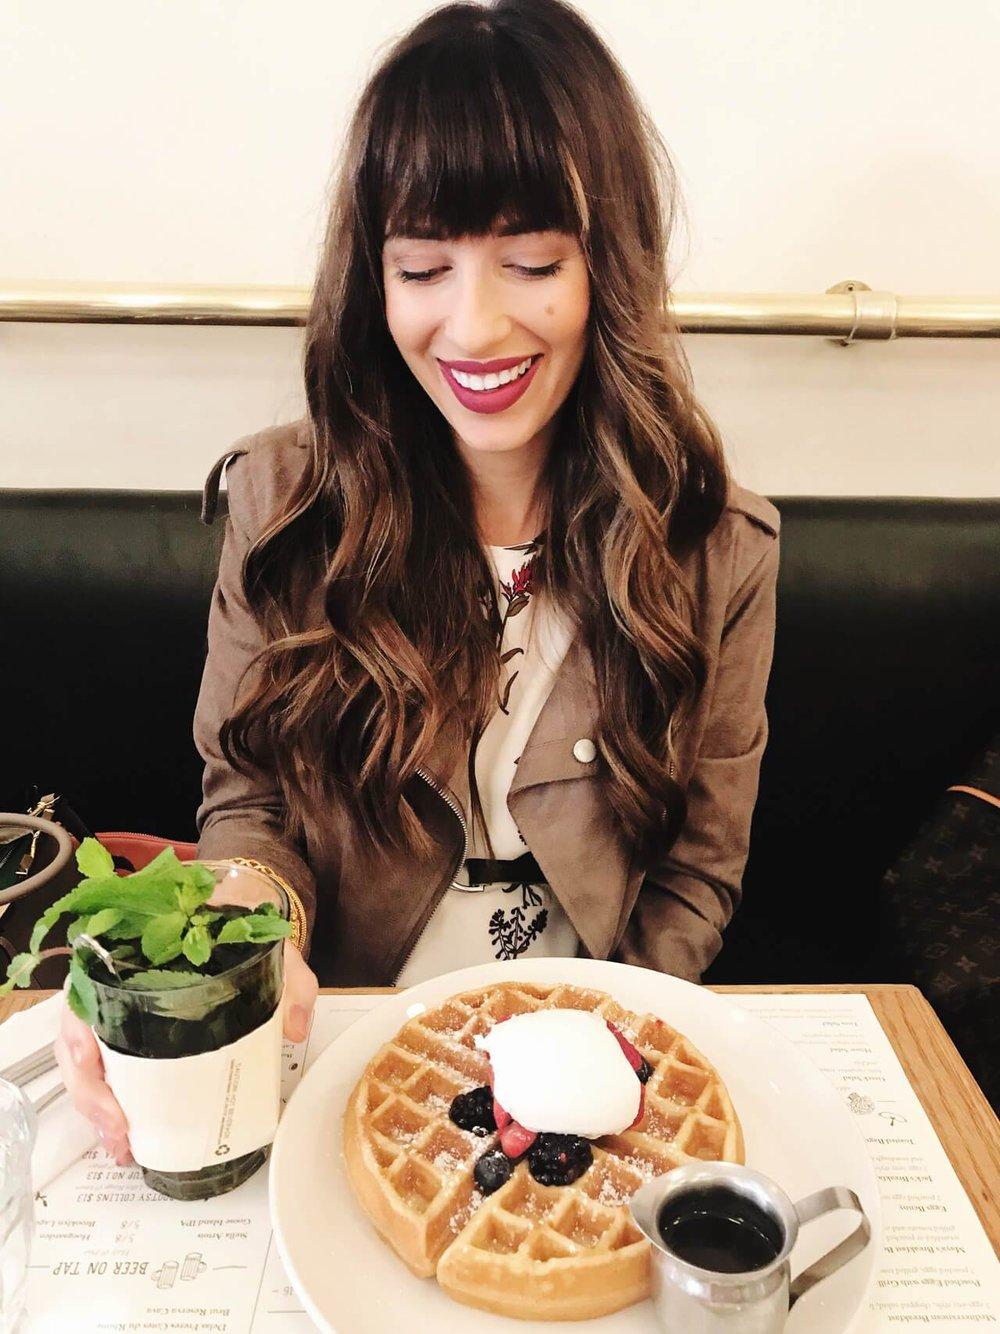 breakfast_at_jacks_wife_freda.jpg